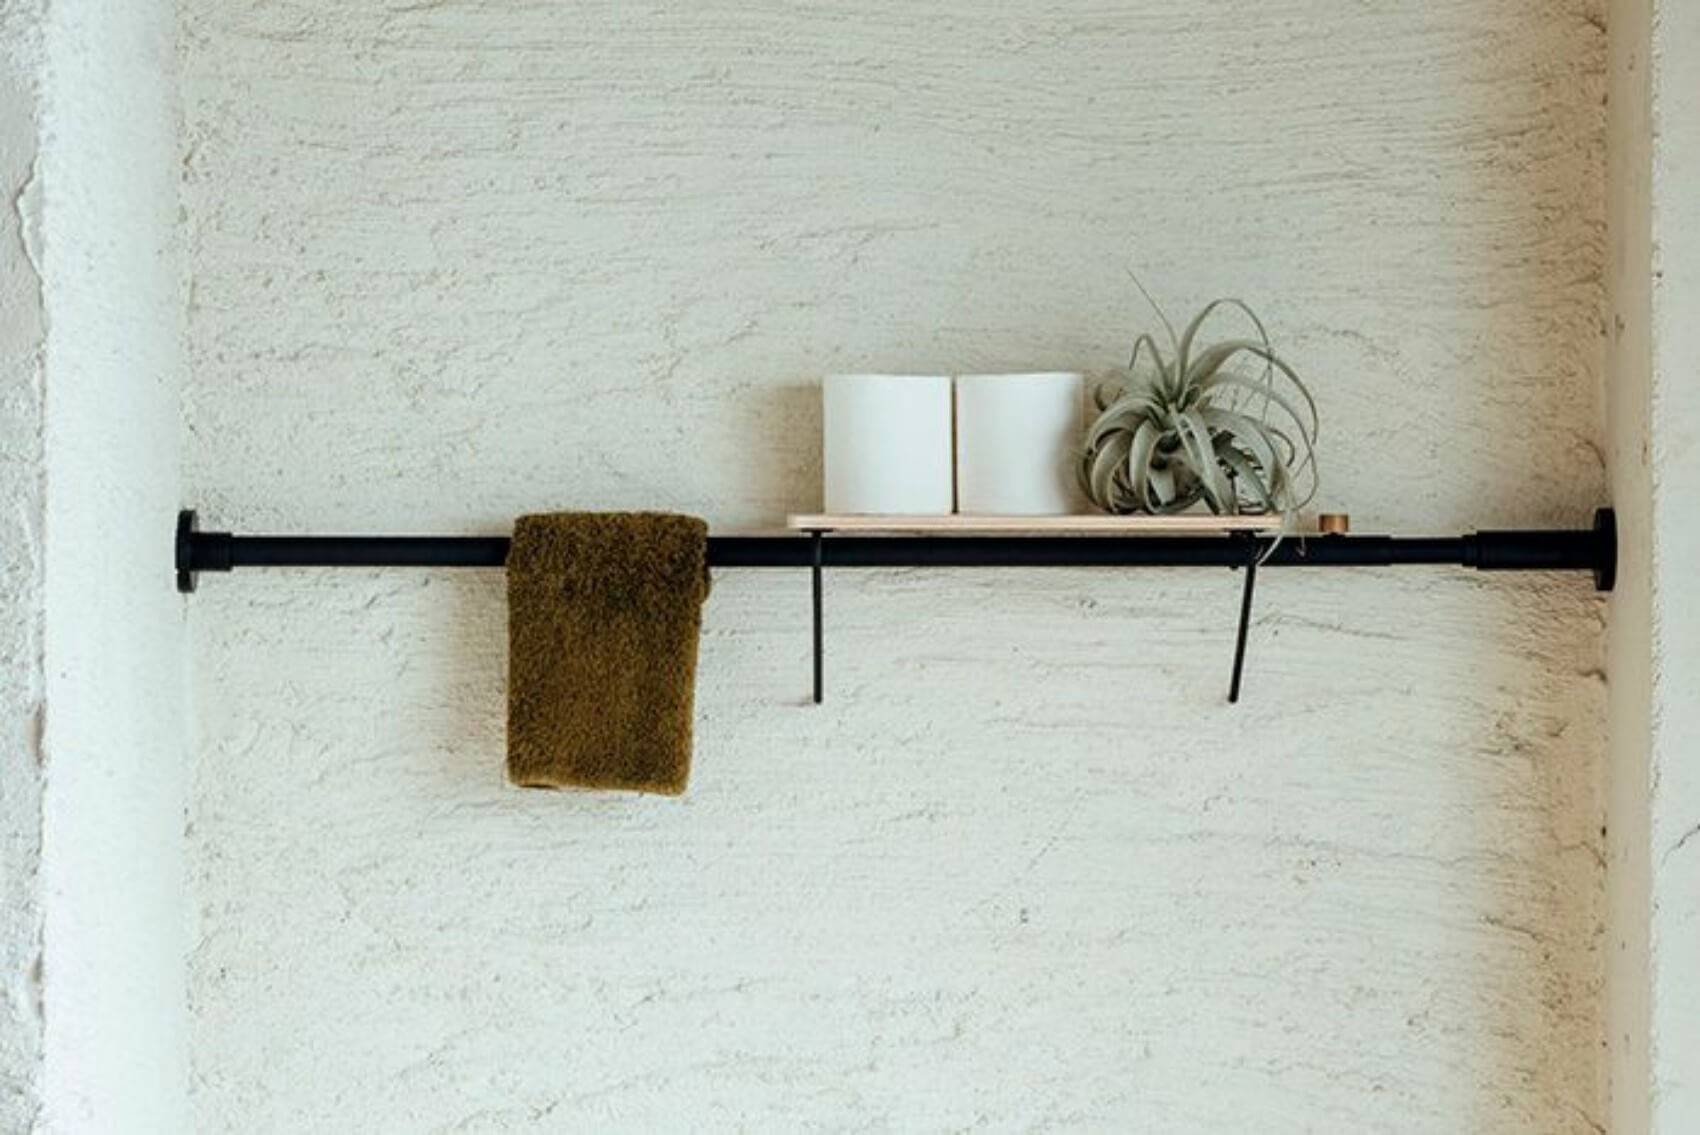 これが突っ張り棒?手軽に収納スペースがつくれる『平安伸銅工業』のDRAW A LINE